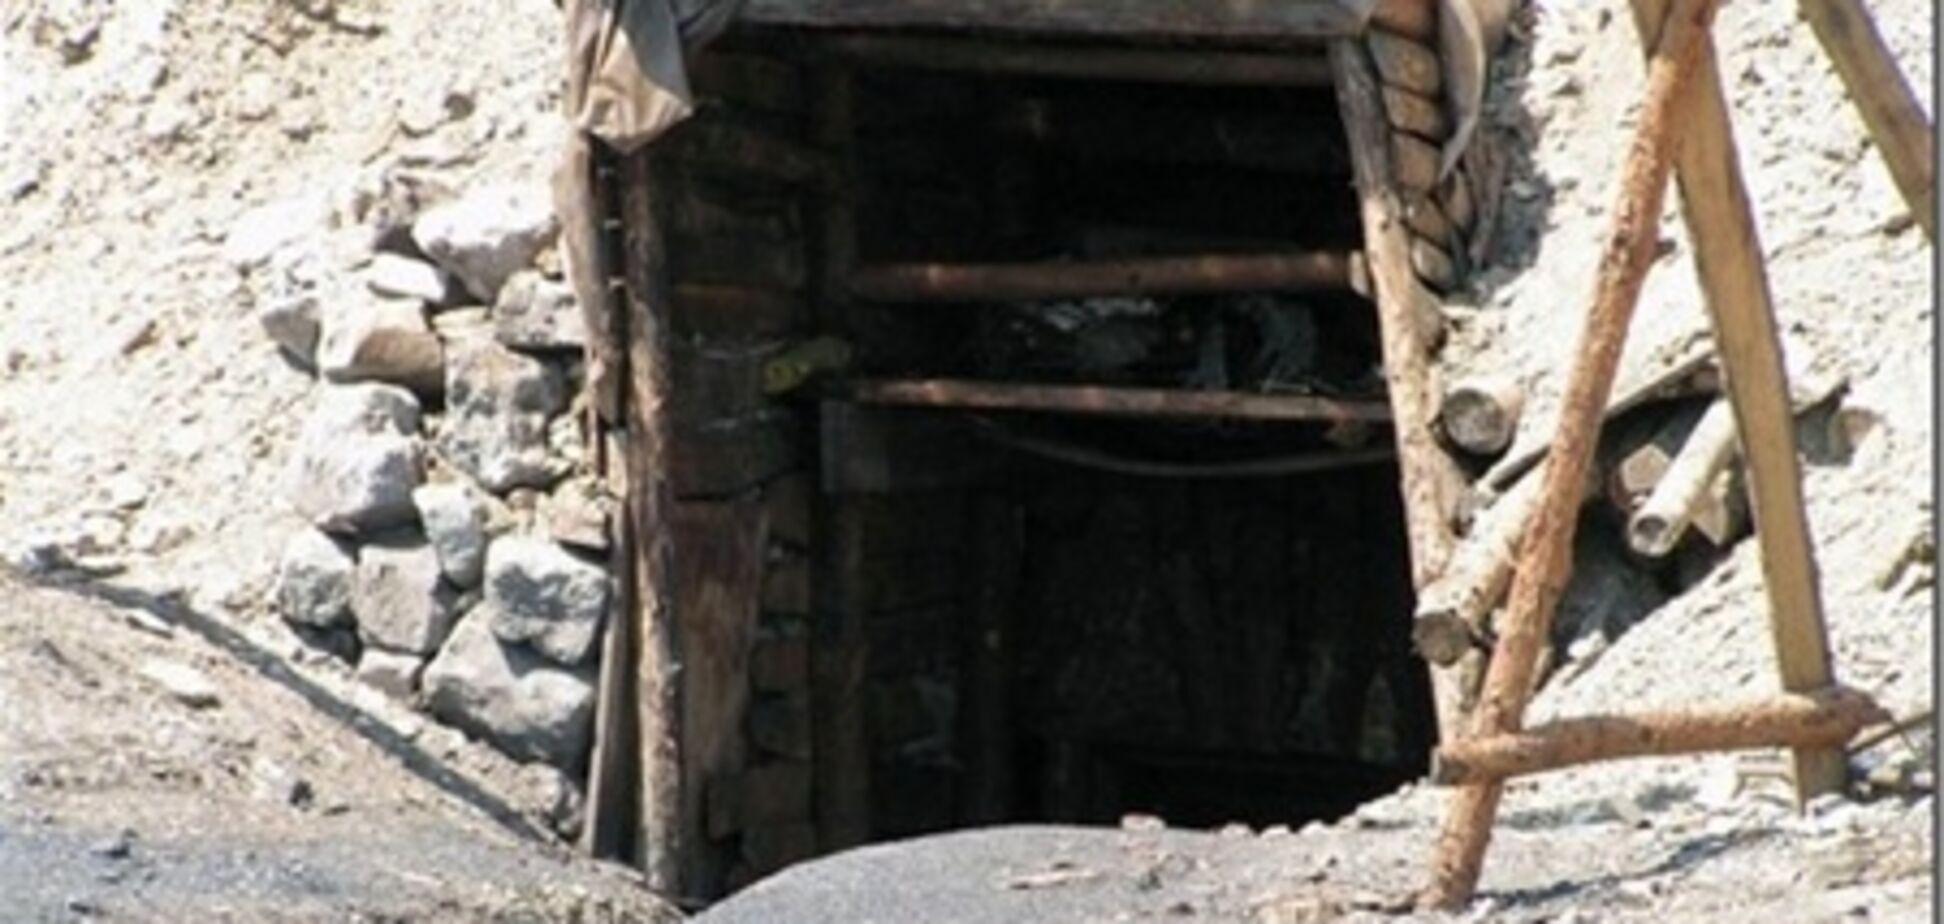 Le Temps: вугільні 'копанки' ростуть в Україні, як гриби